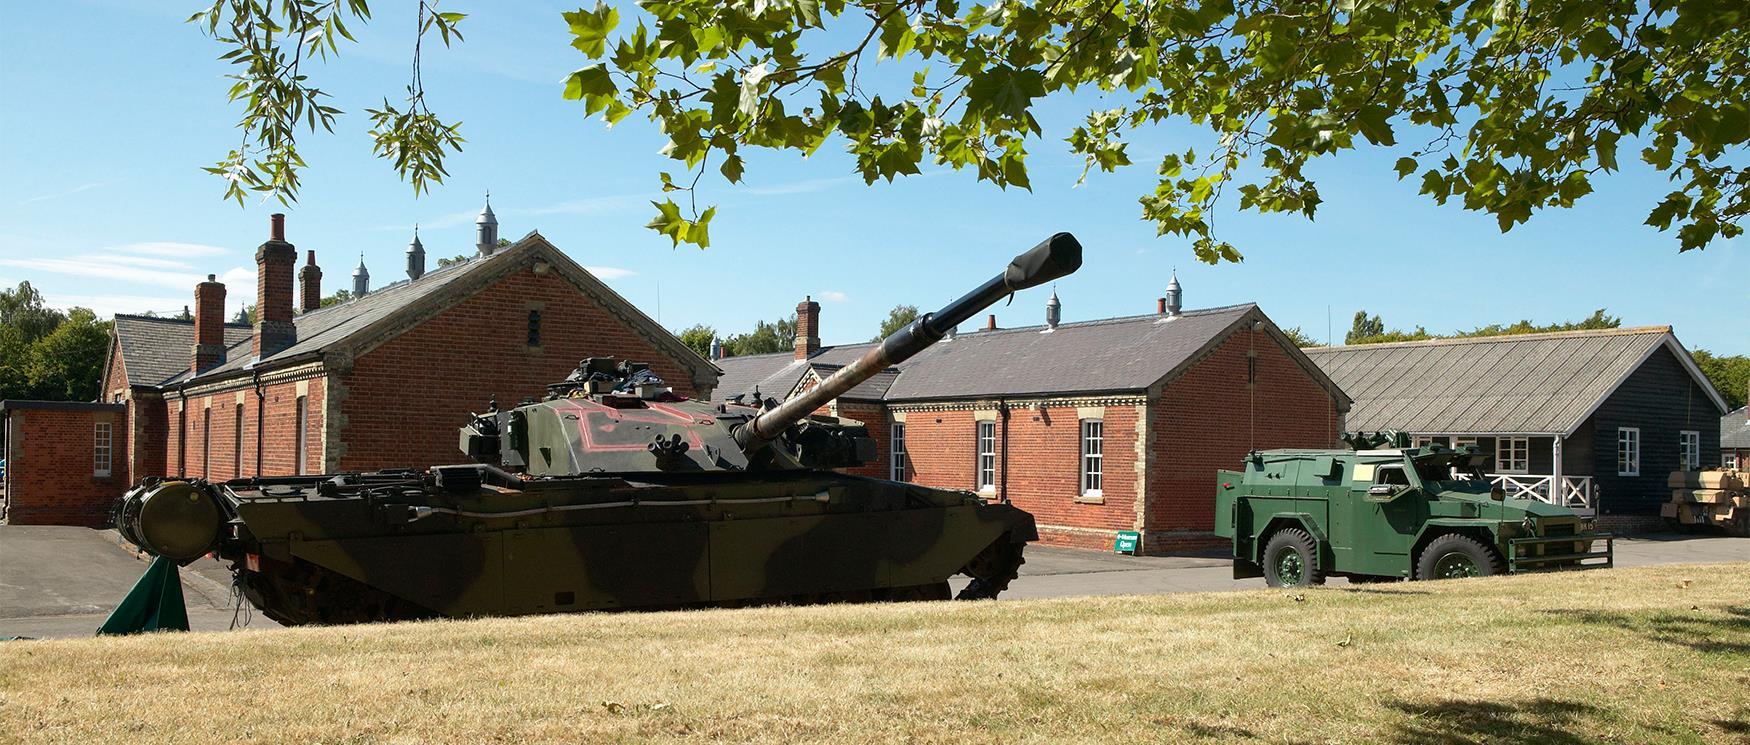 Aldershot Military Musem